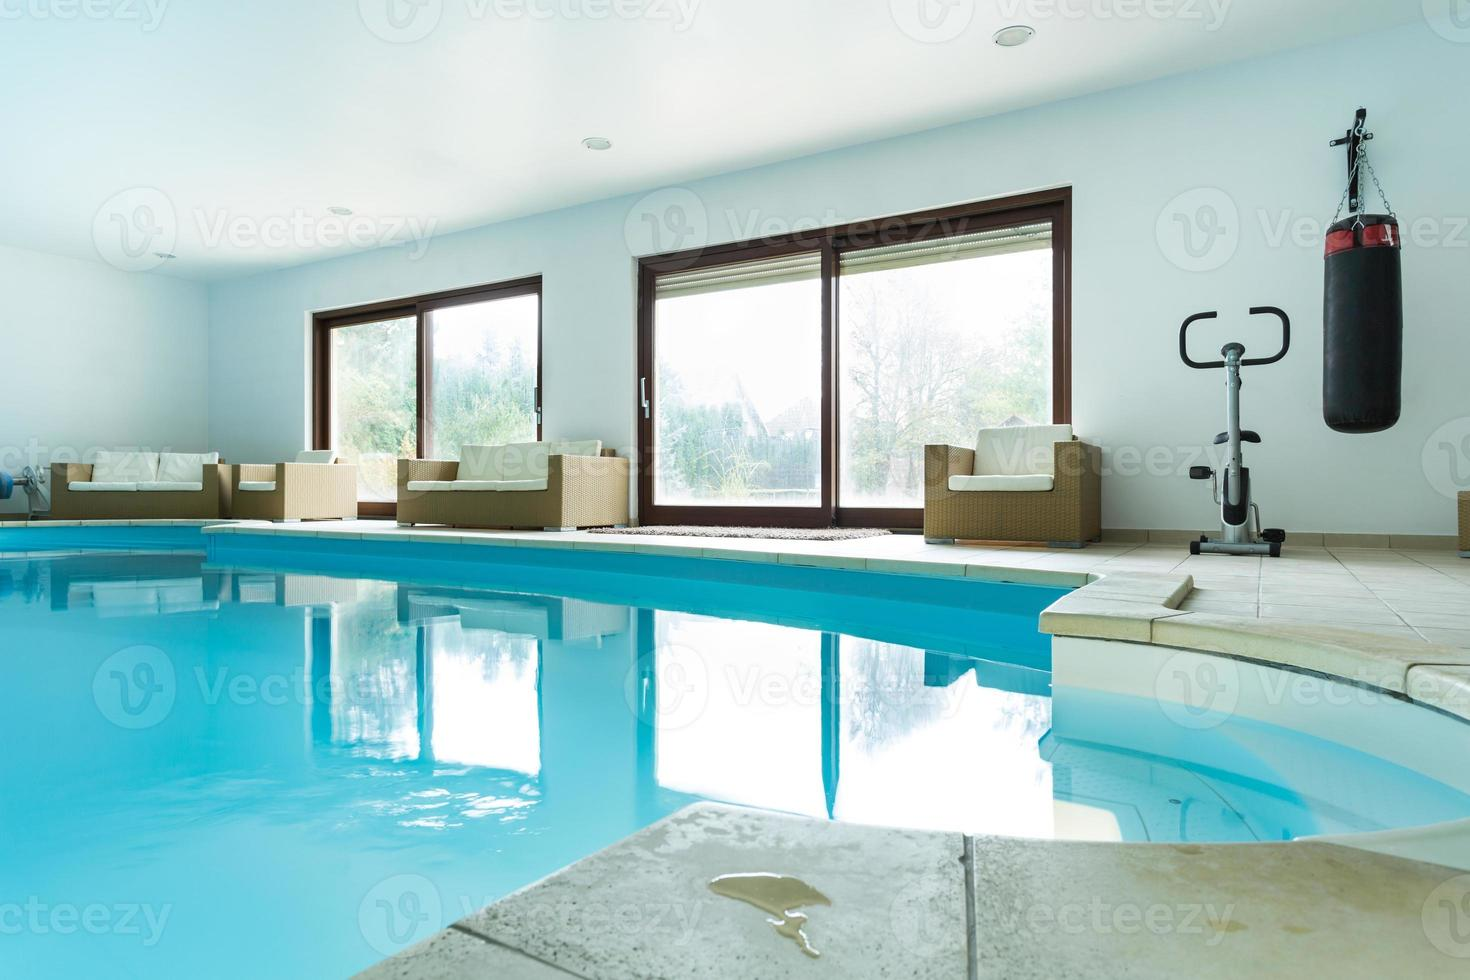 piscina dentro de casa cara foto